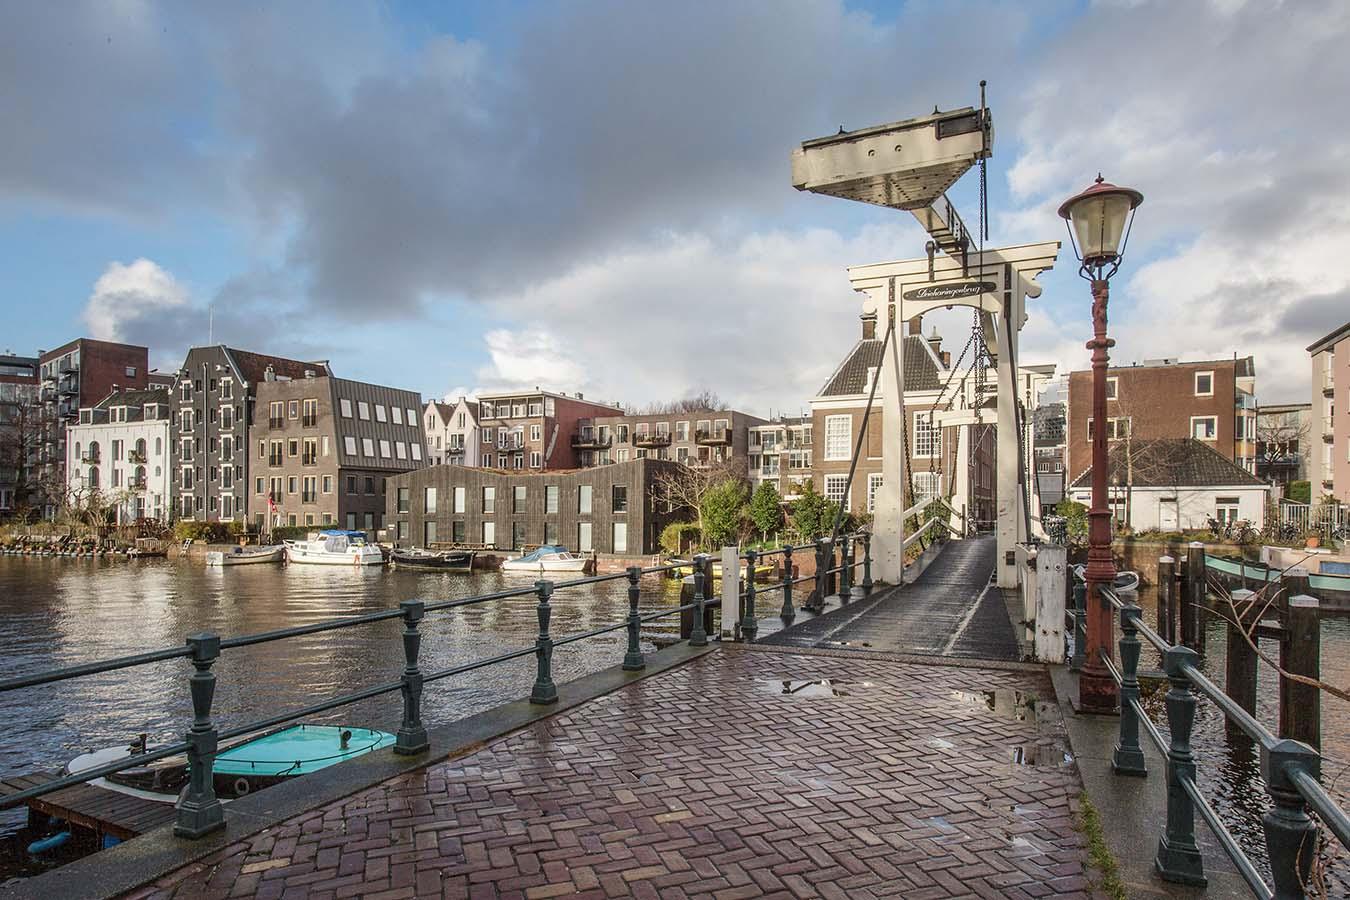 grachten van amsterdam met bruggetje